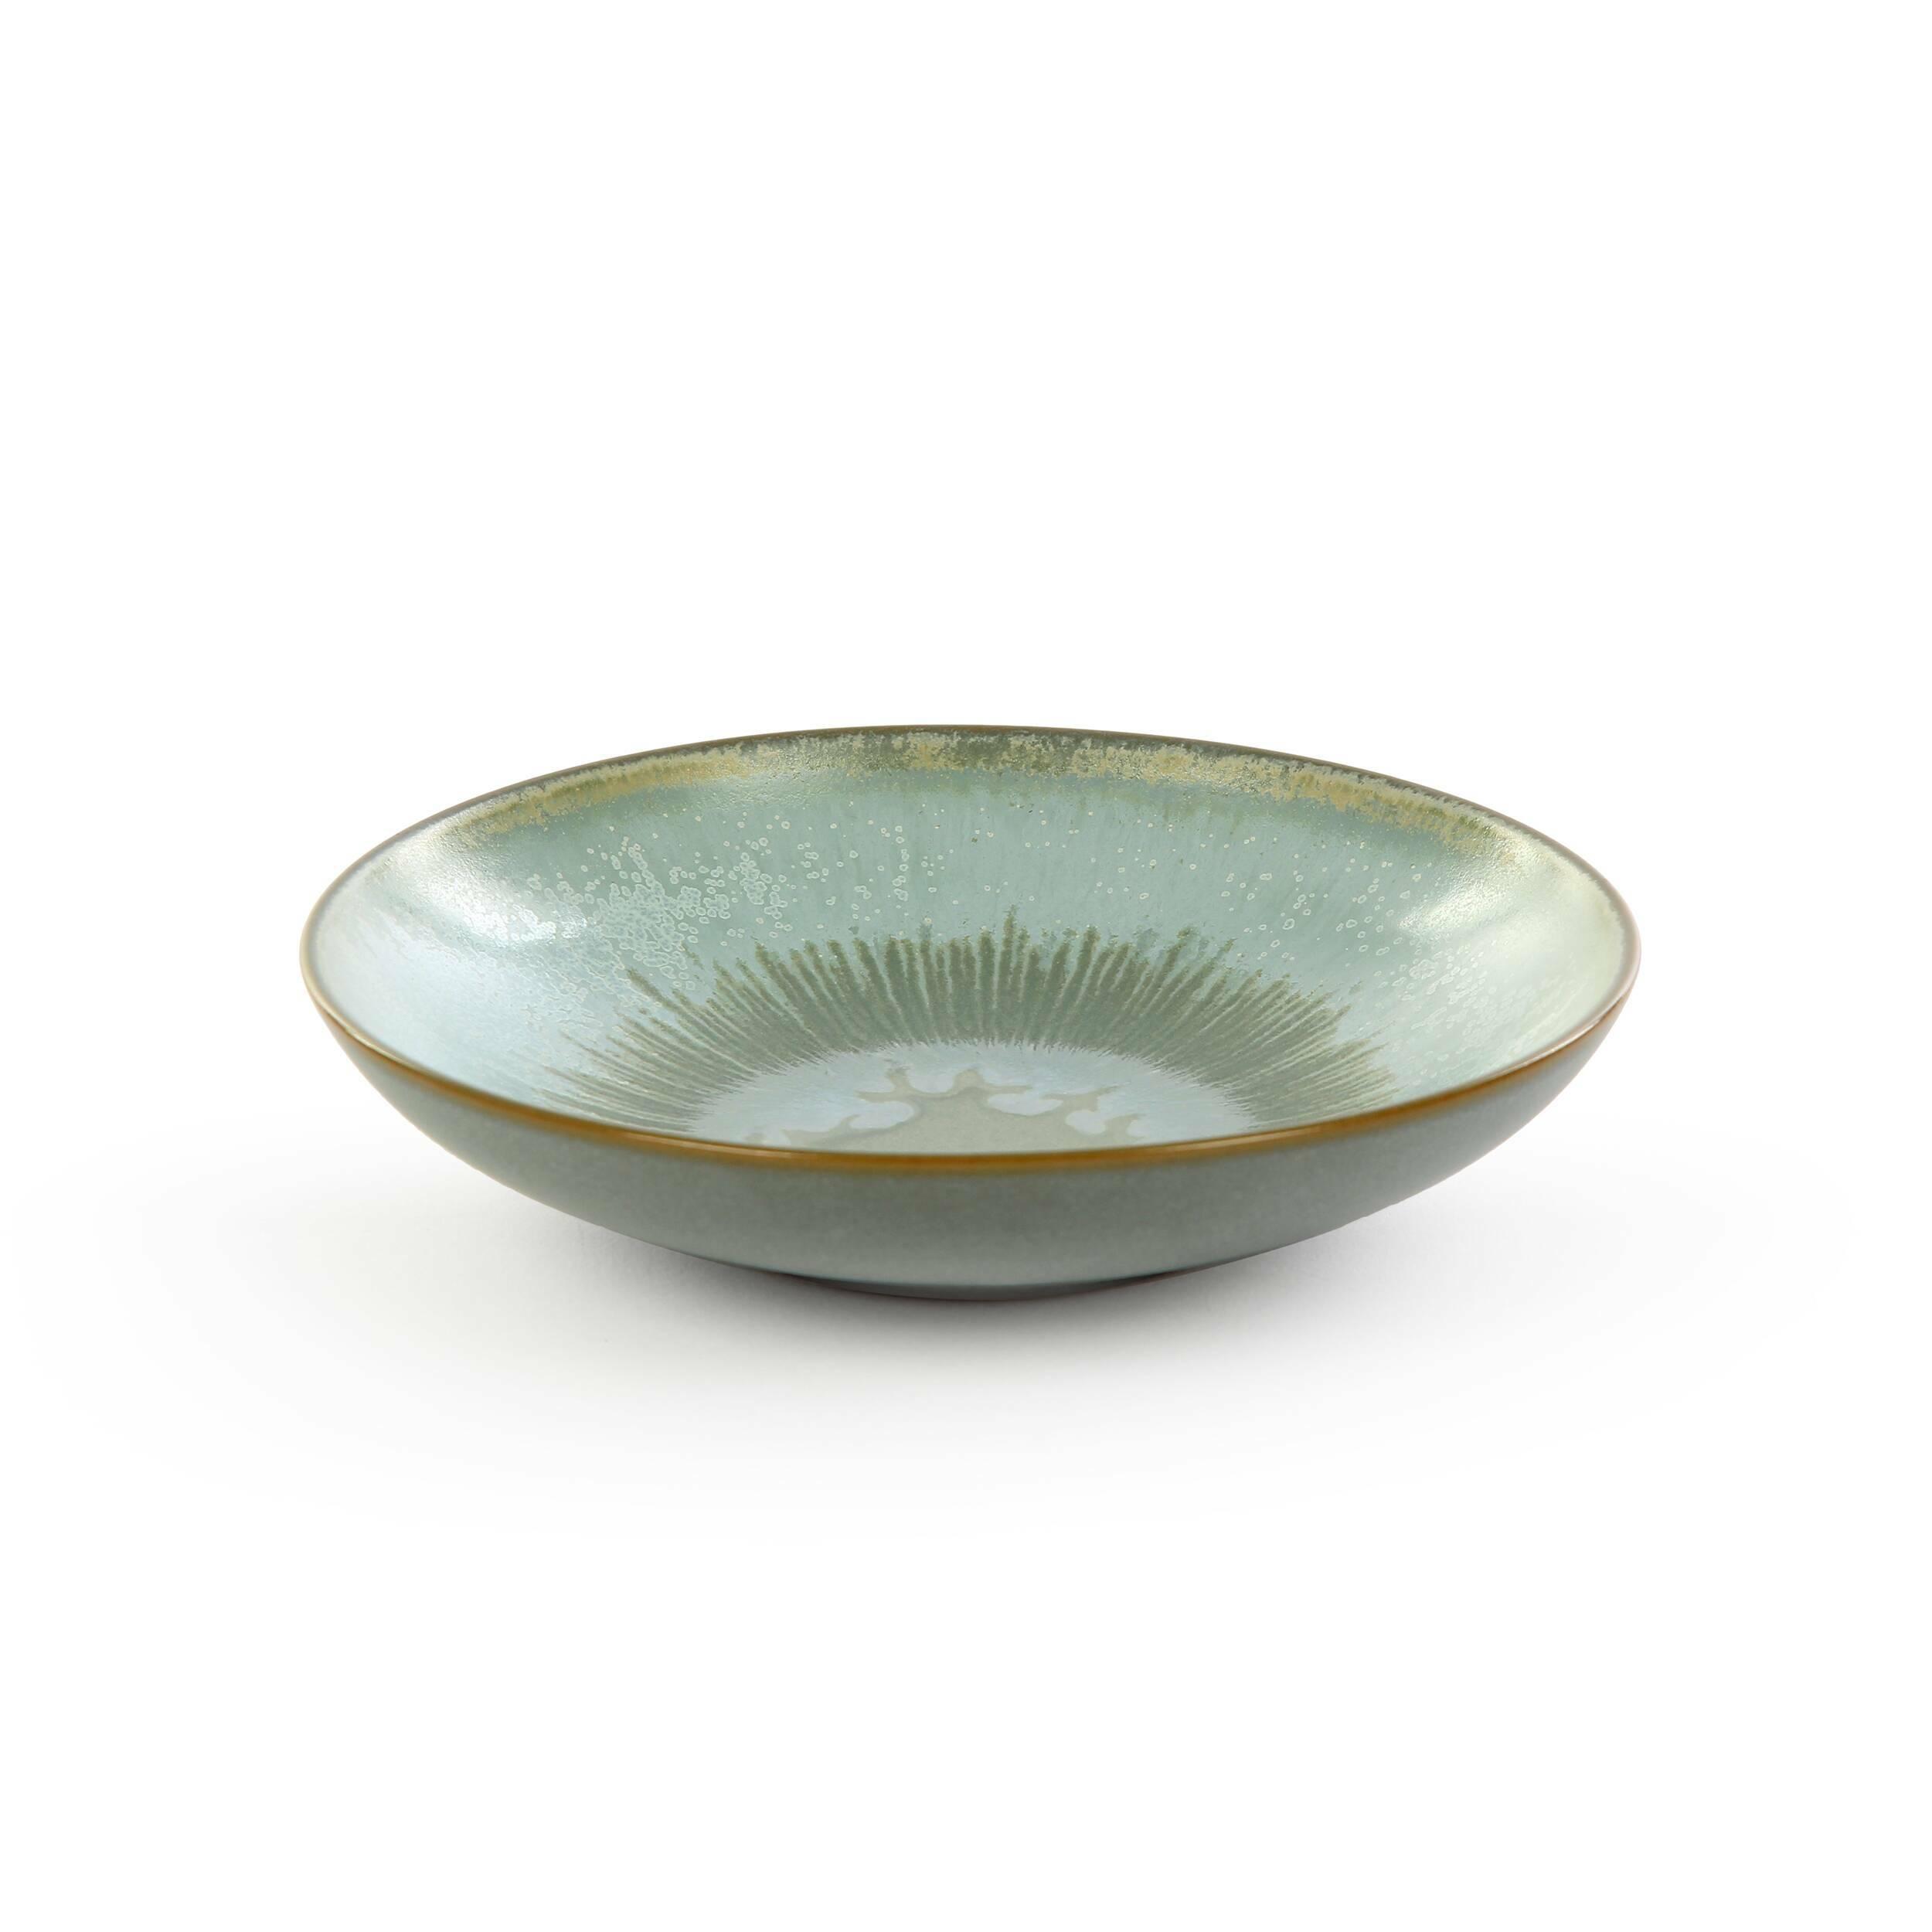 Посуда Cosmo 15580902 от Cosmorelax